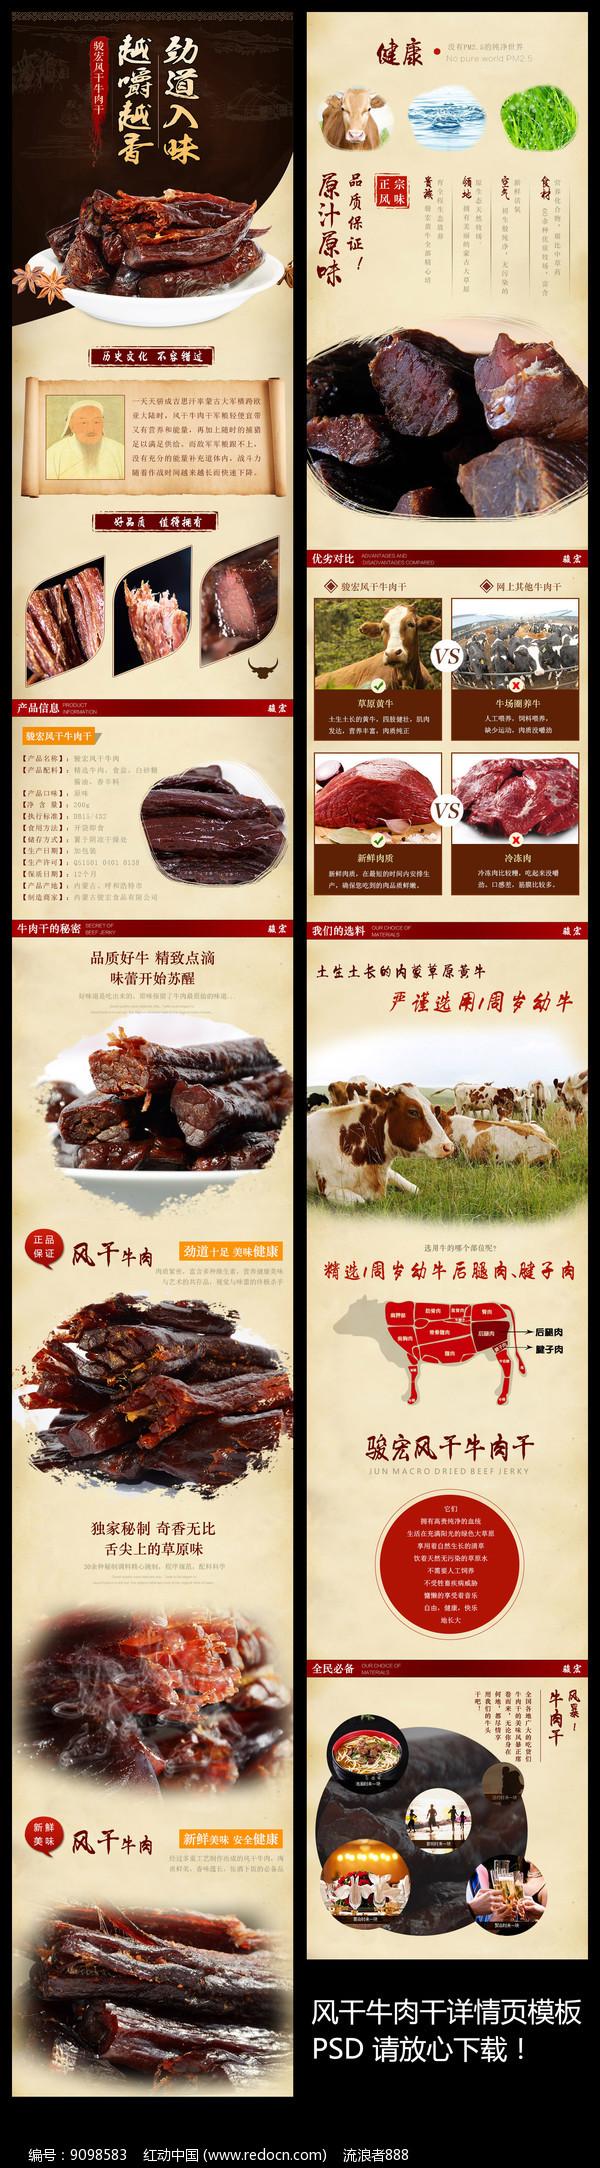 牛肉干详情页图片